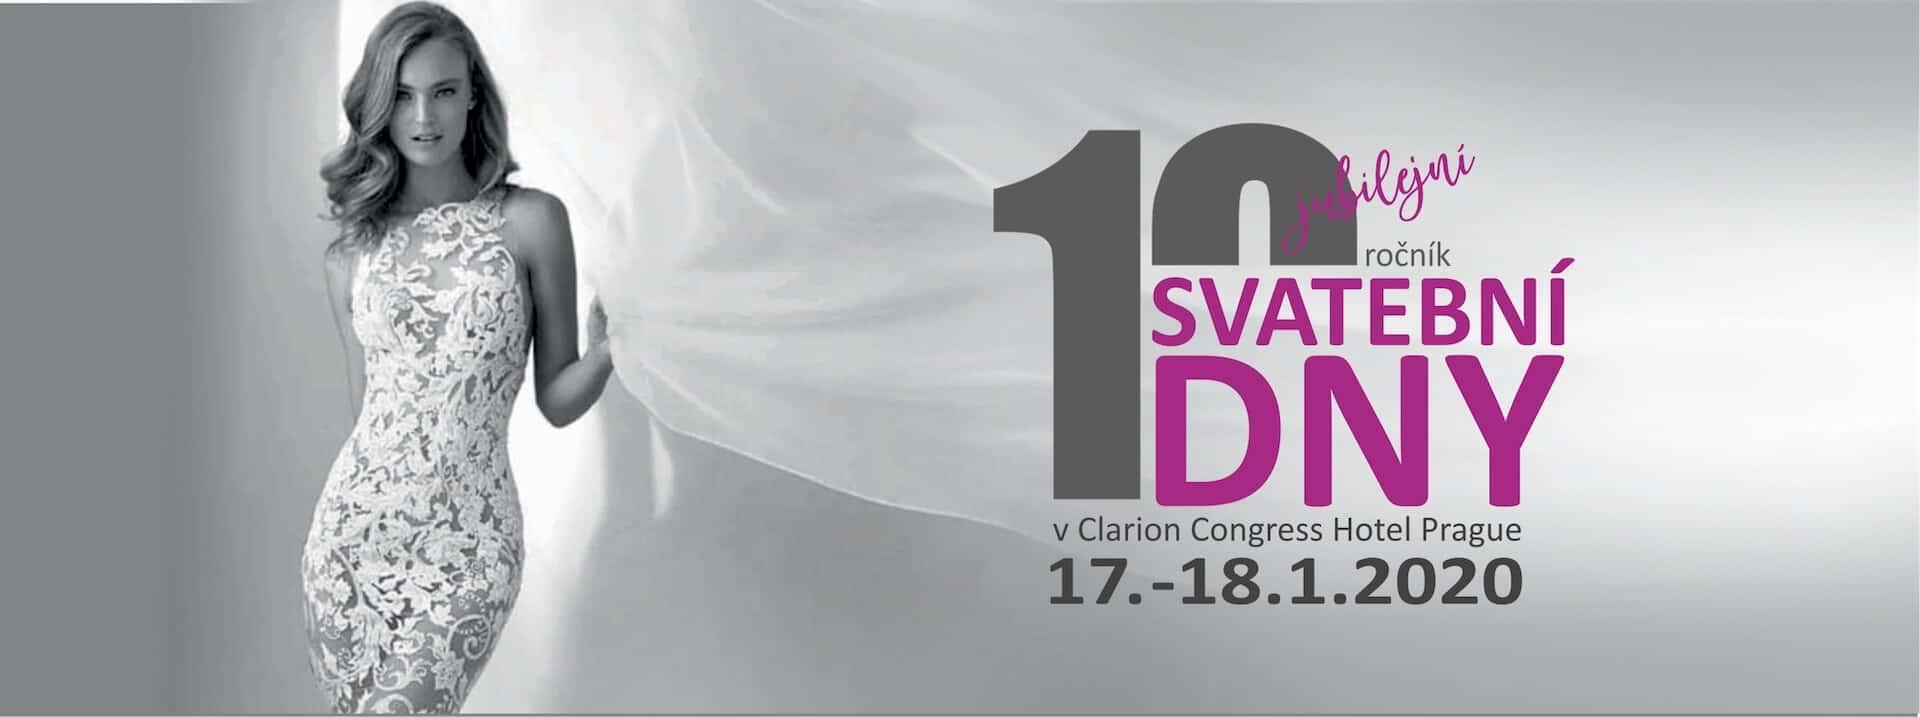 Svatební DNY Praha 17. - 18. 1. 2020